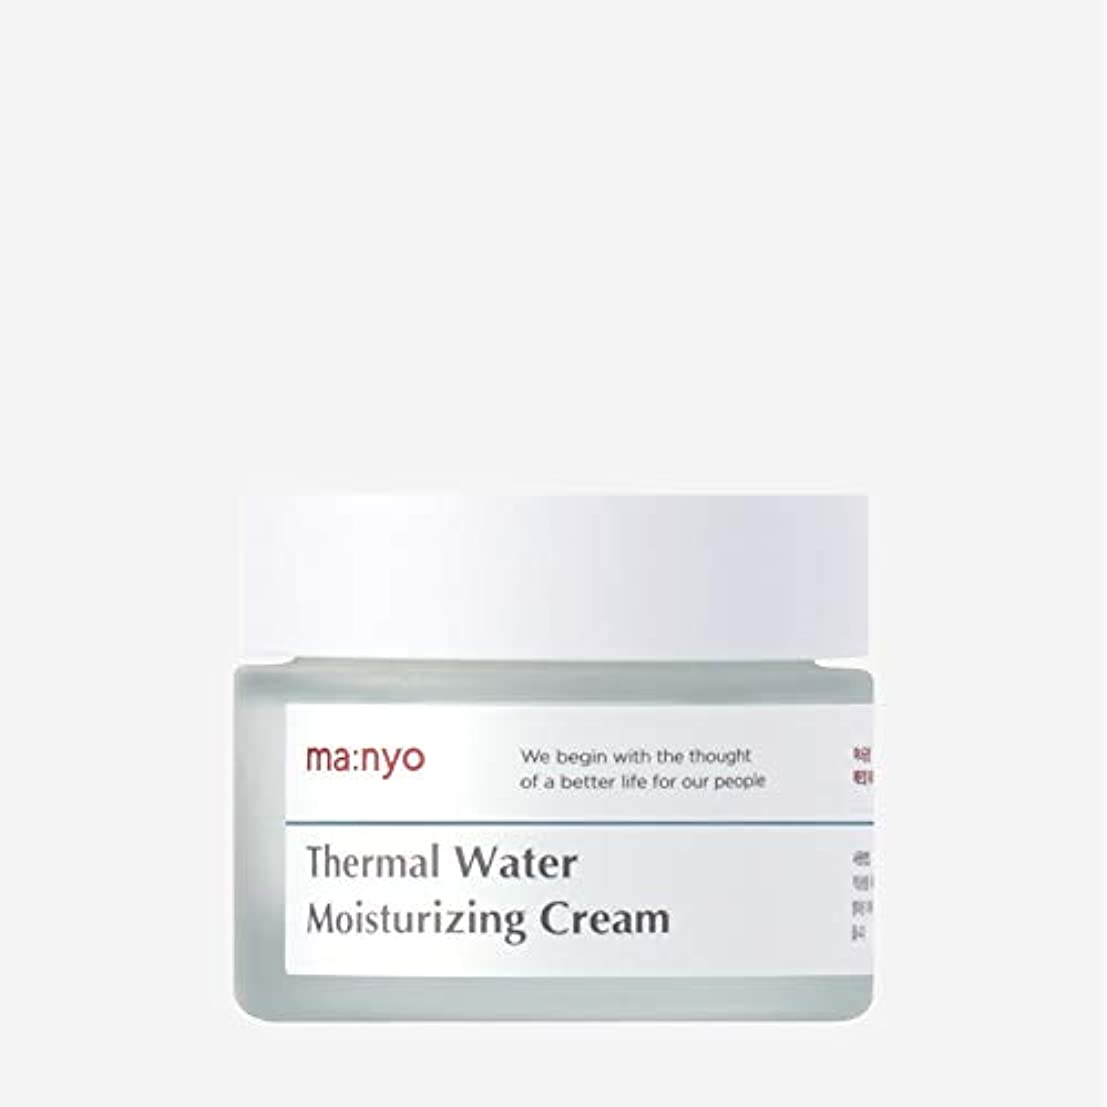 ヨーロッパどれクリスチャン魔女工場(Manyo Factory) 温泉水ミネラルクリーム 50ml / 天然ミネラル、チェコ温泉水67%で保湿補充